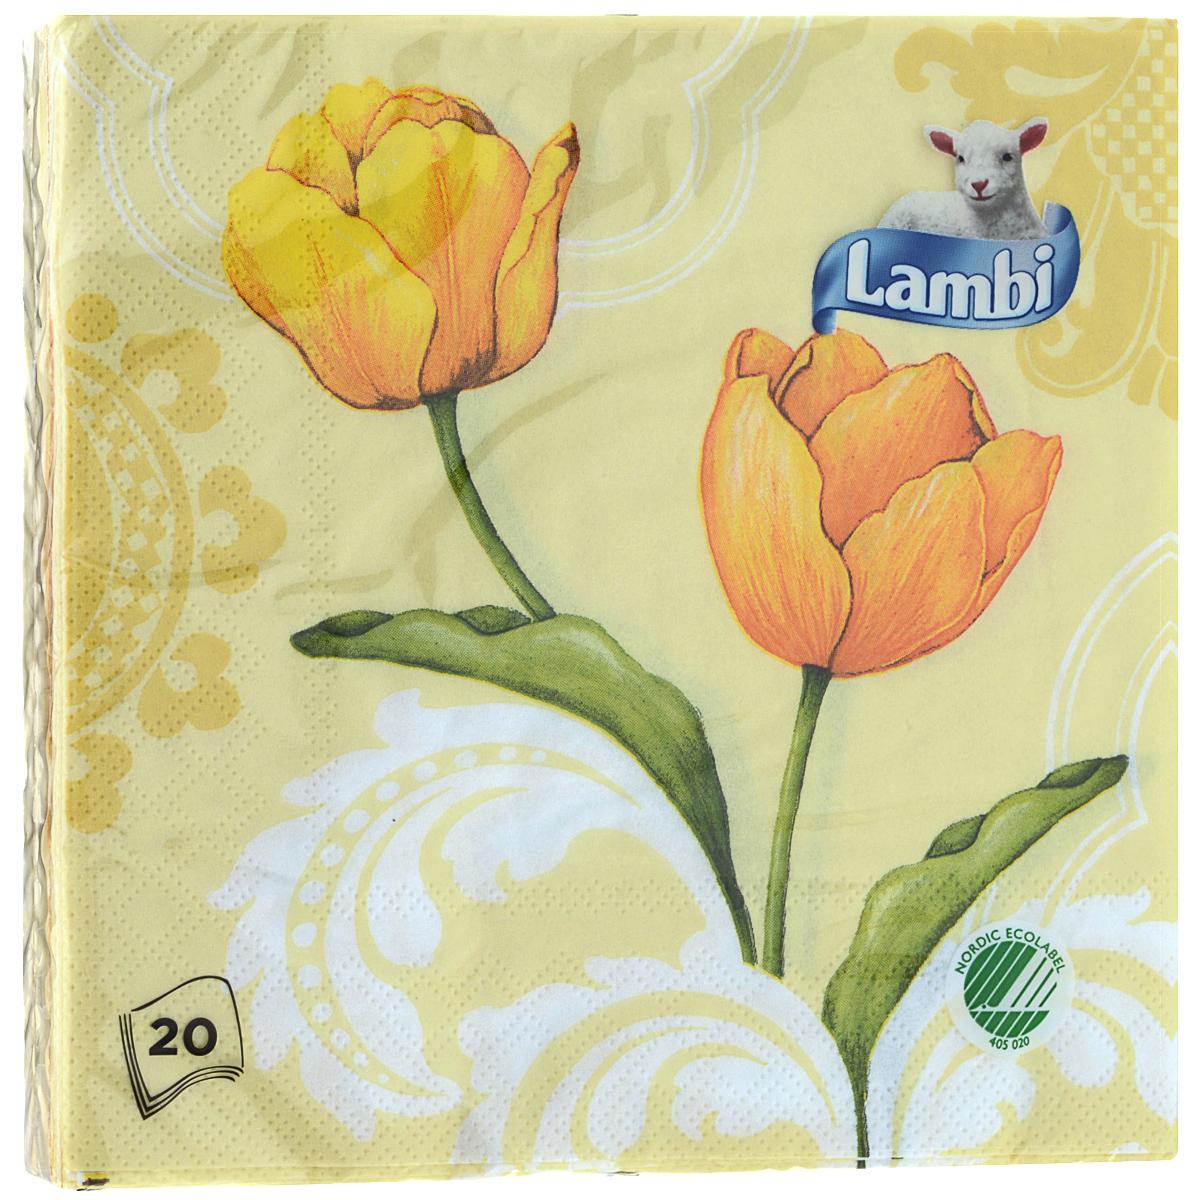 Салфетки Lambi Желтые тюльпаны, трехслойные, 33 см х 33 см, 20 шт2271Трехслойные бумажные салфетки Lambi Желтые тюльпаны, изготовленные из экологически чистого, высококачественного сырья - 100% целлюлозы, станут отличным дополнением праздничного стола. Они отличаются необыкновенной мягкостью и прочностью. Яркий дизайн салфеток с цветочным принтом придется вам по душе и подарит положительные эмоции. Товар сертифицирован.